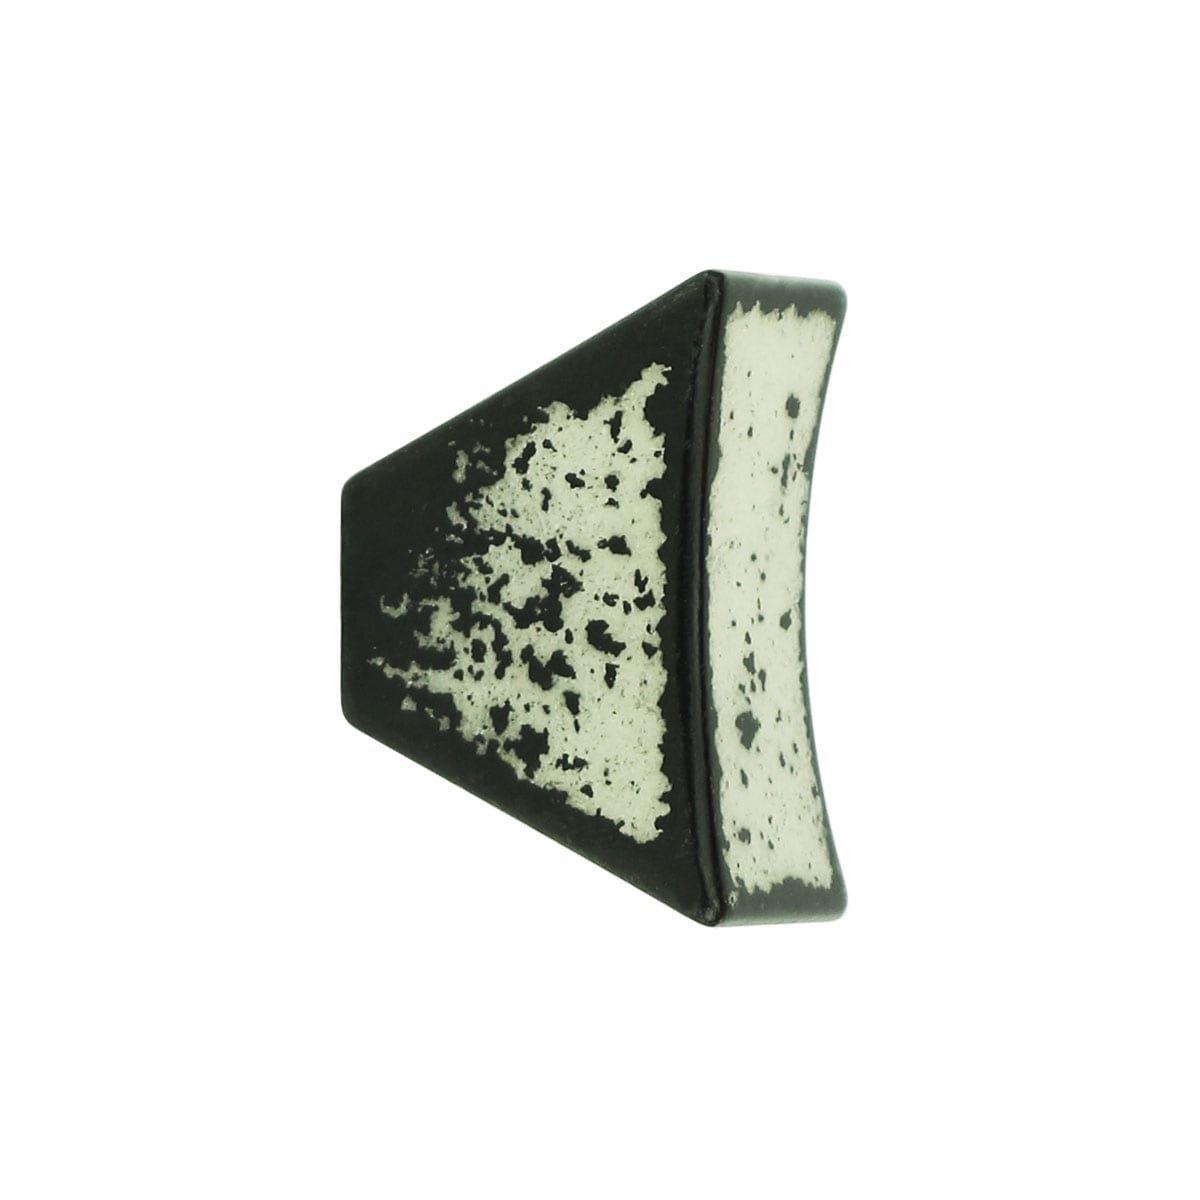 Türbeschläge Türgriffe Türgriff industriell altes weiß Kahla - 44 mm